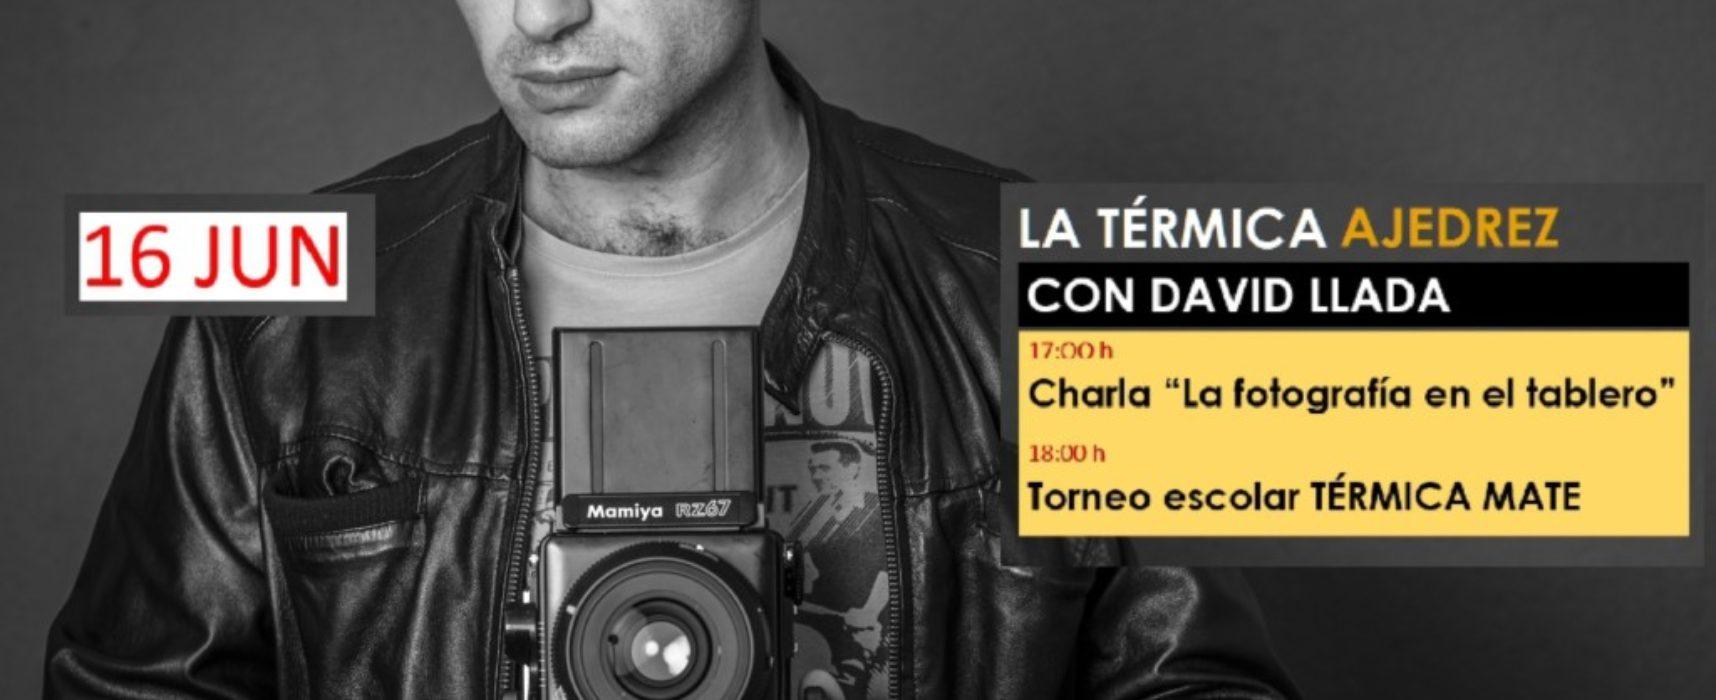 """Torneo """"TÉRMICA MATE"""" 16.06.2017 (Con la presencia de David Llada)"""